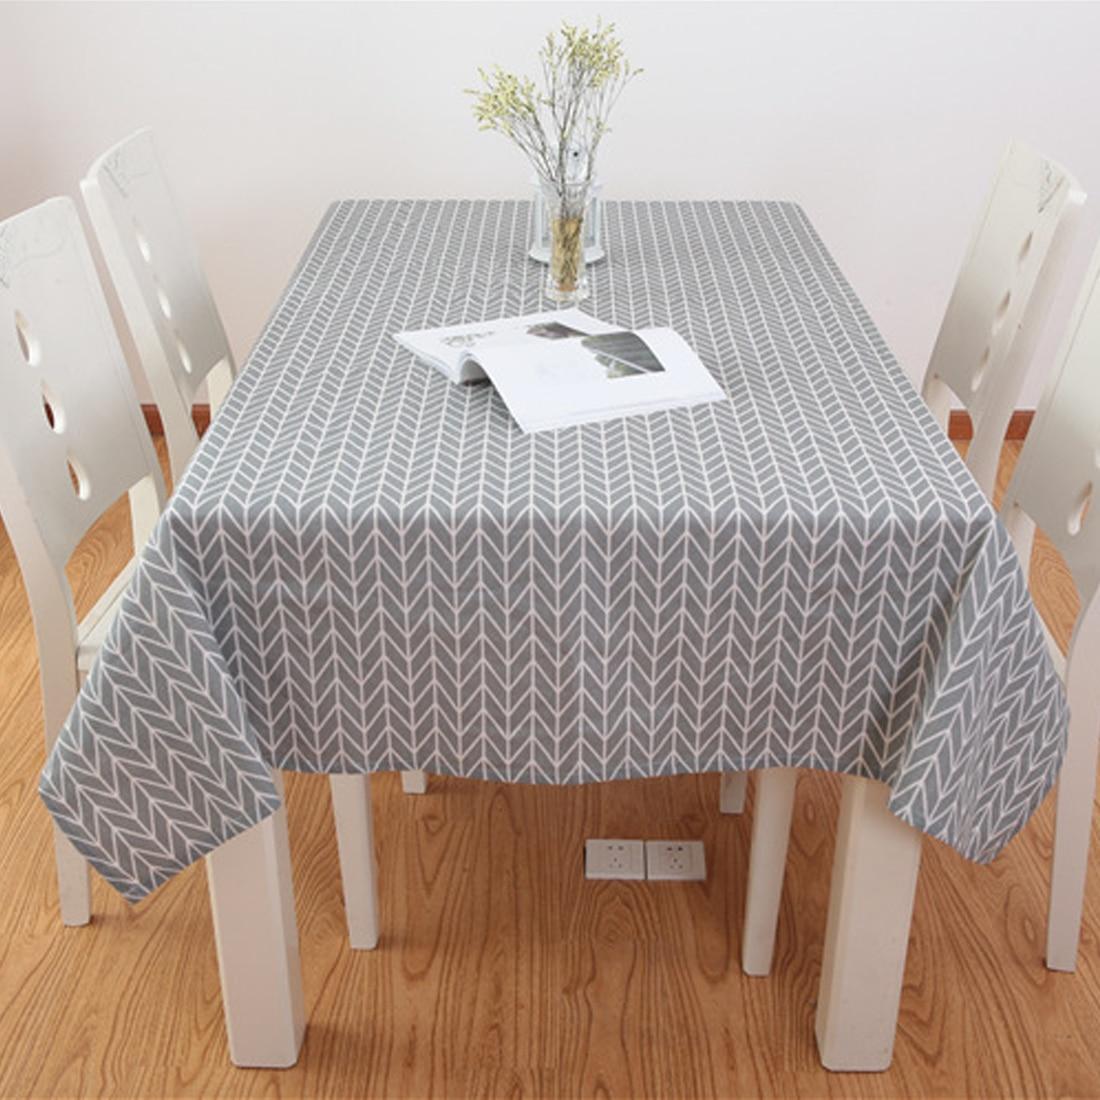 Mantel de tela cuadrada rectangular con impresión a cuadros estilo campestre de 6 tamaños mantel de tela decoración para el hogar y la cocina